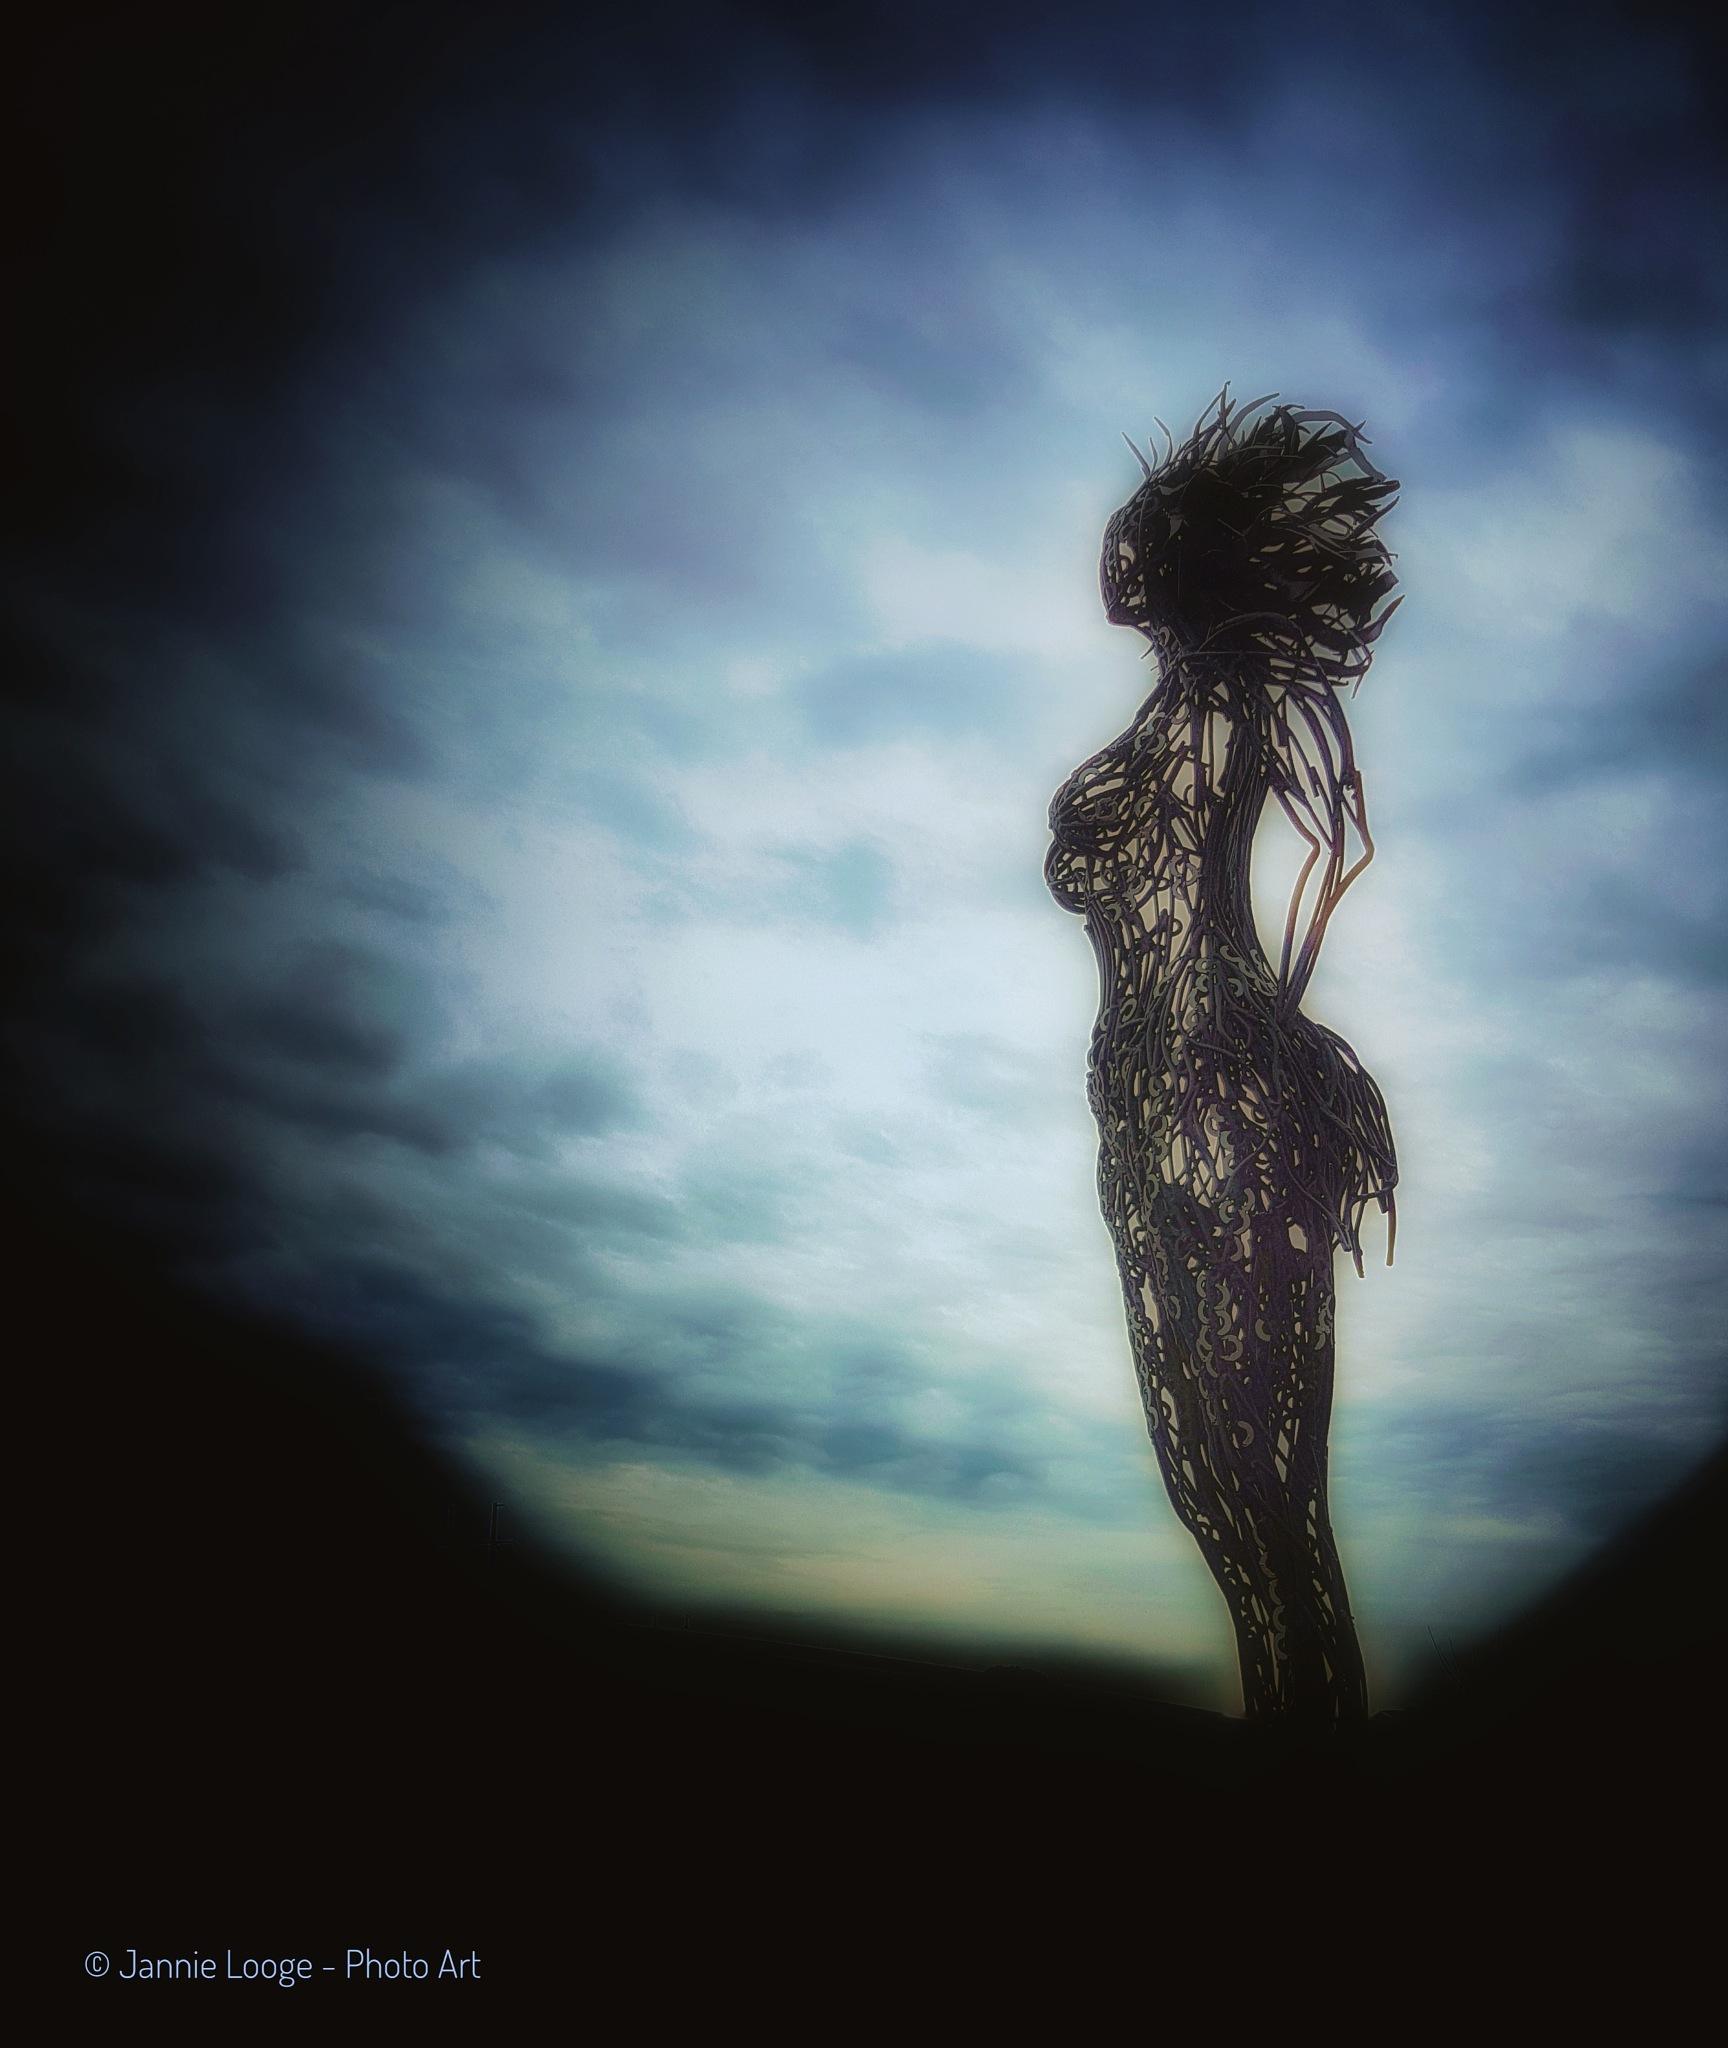 Untitled by Jannie Looge